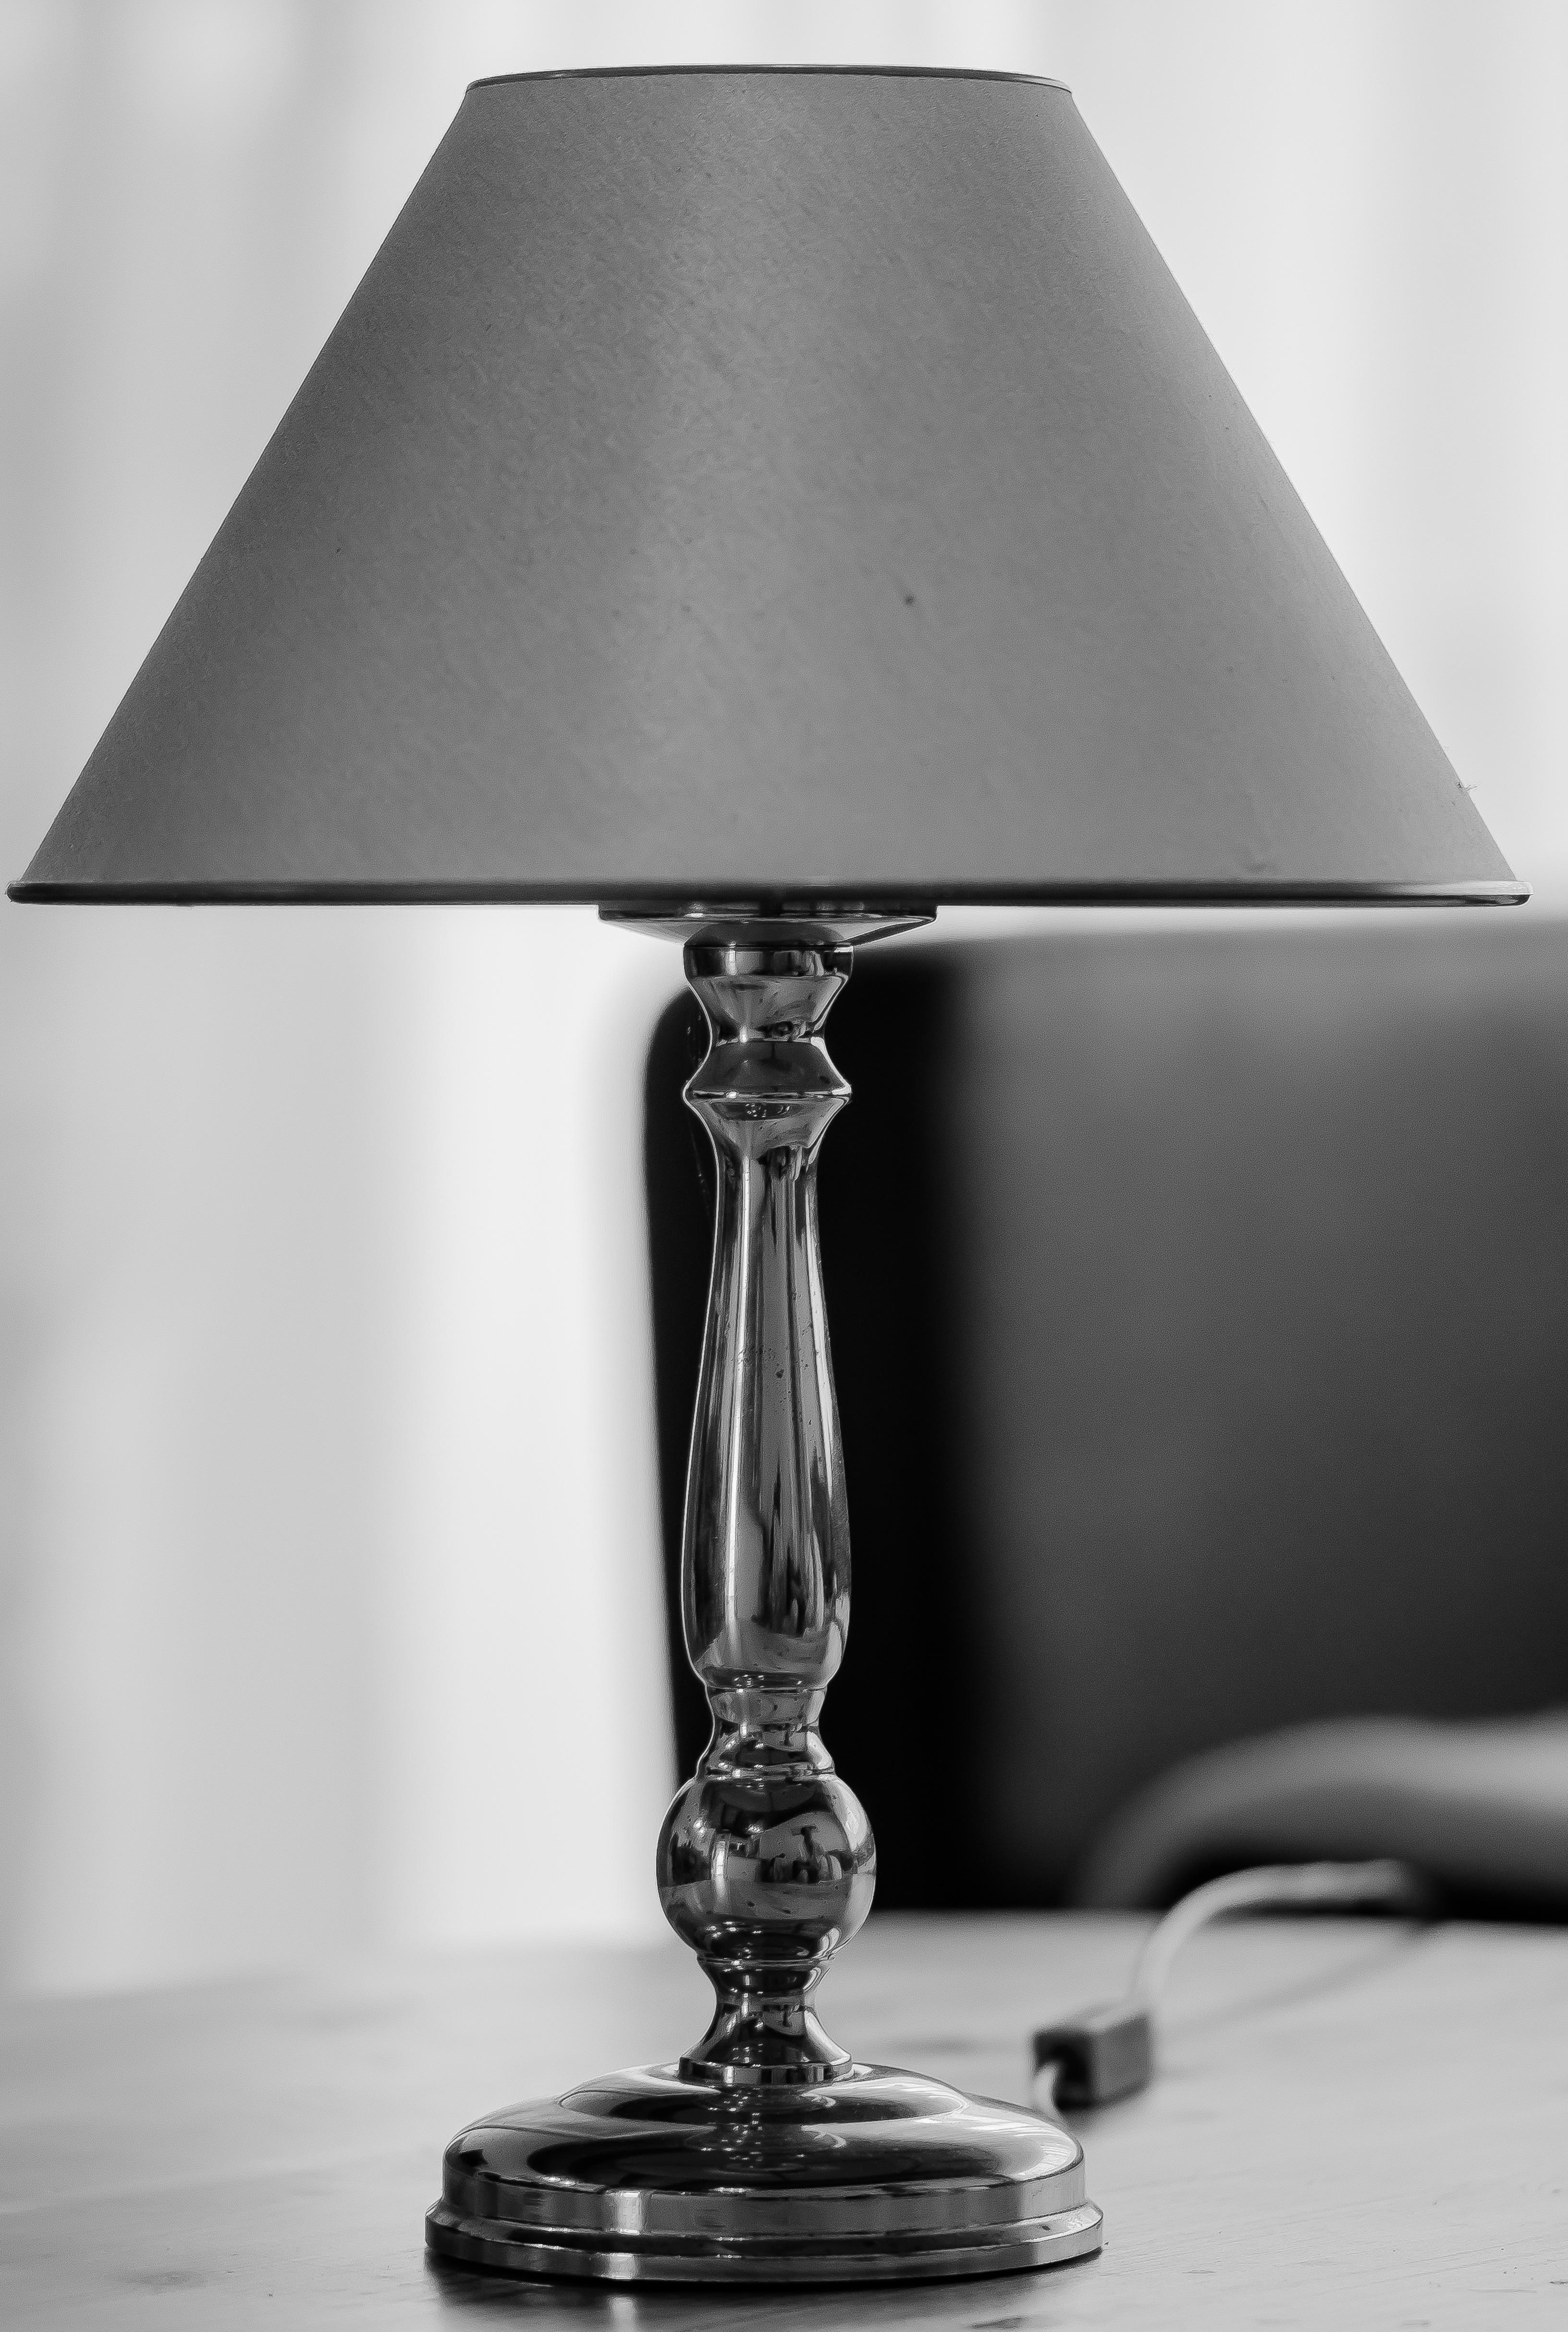 Fotos gratis : escritorio, ligero, en blanco y negro, Retro, antiguo ...